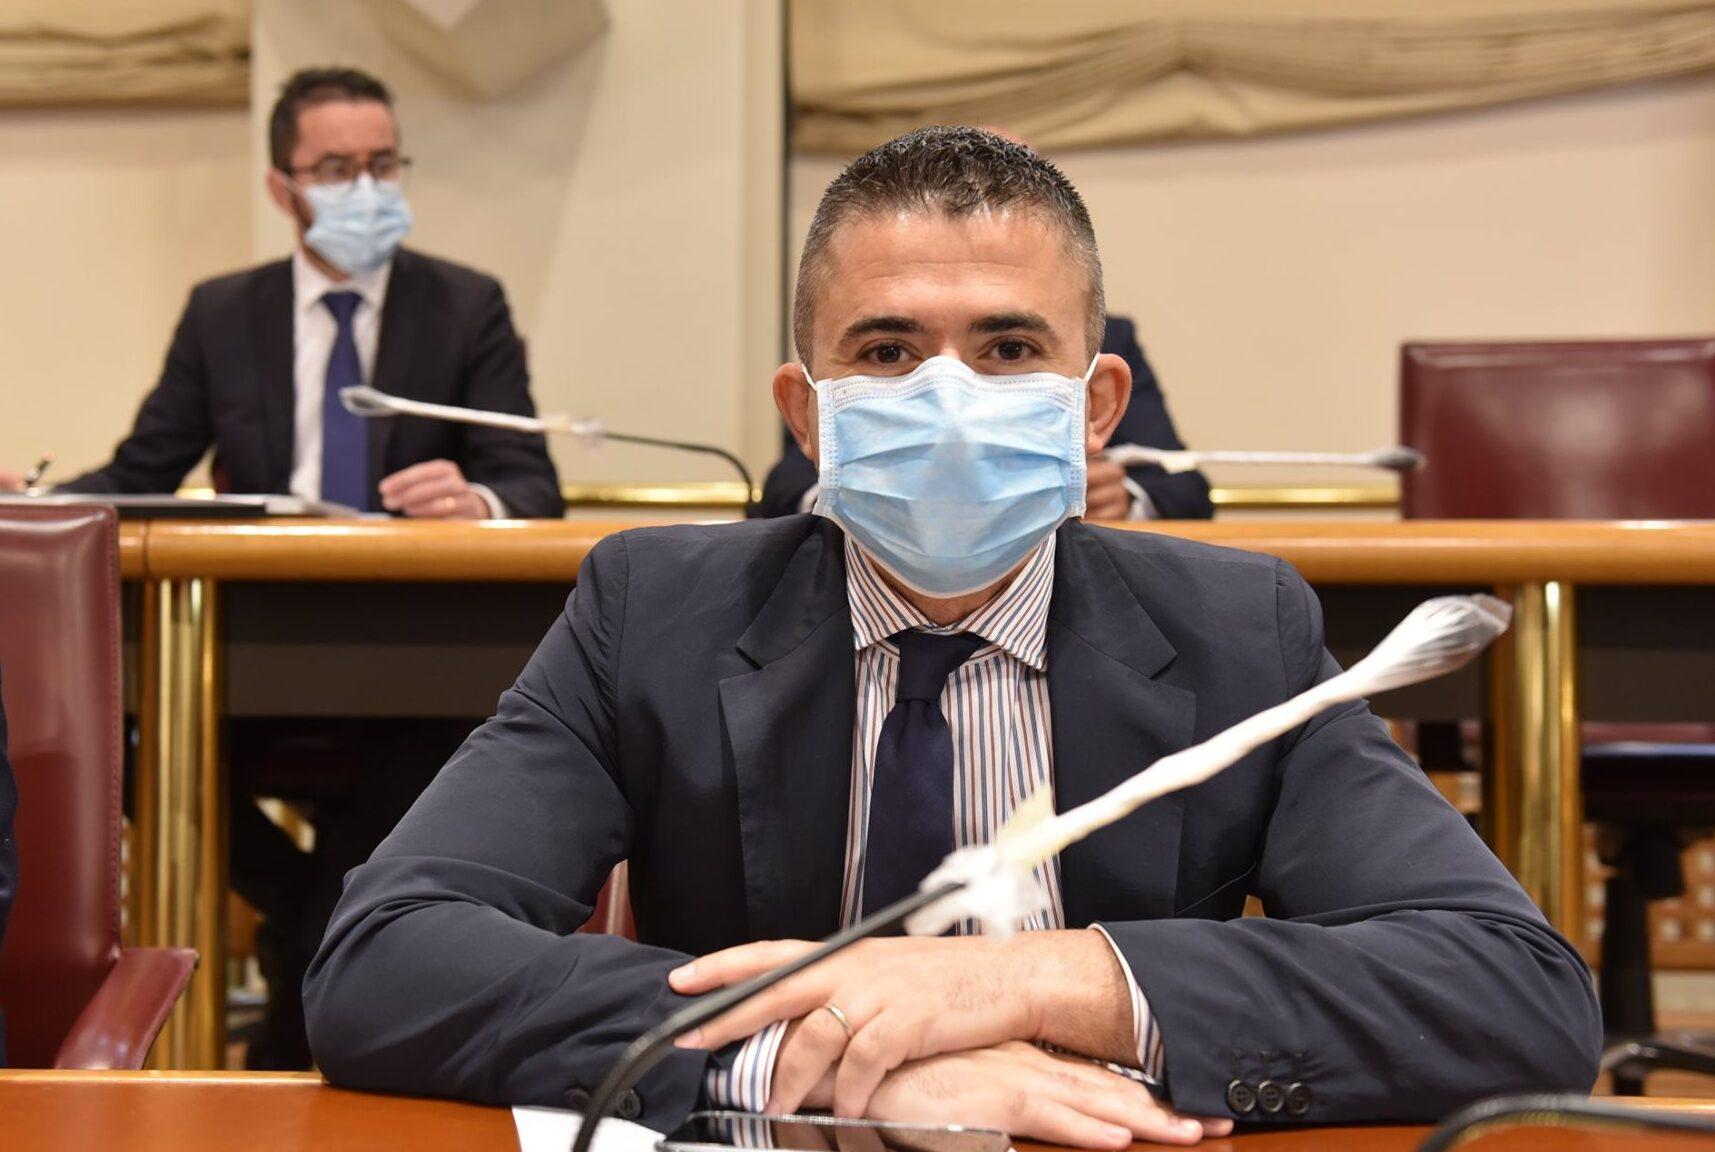 """Paolucci su reperibilità bombole ossigeno: """"La Regioni autorizzi l'uso farmaceutico di quelle ospedaliere in disuso"""""""